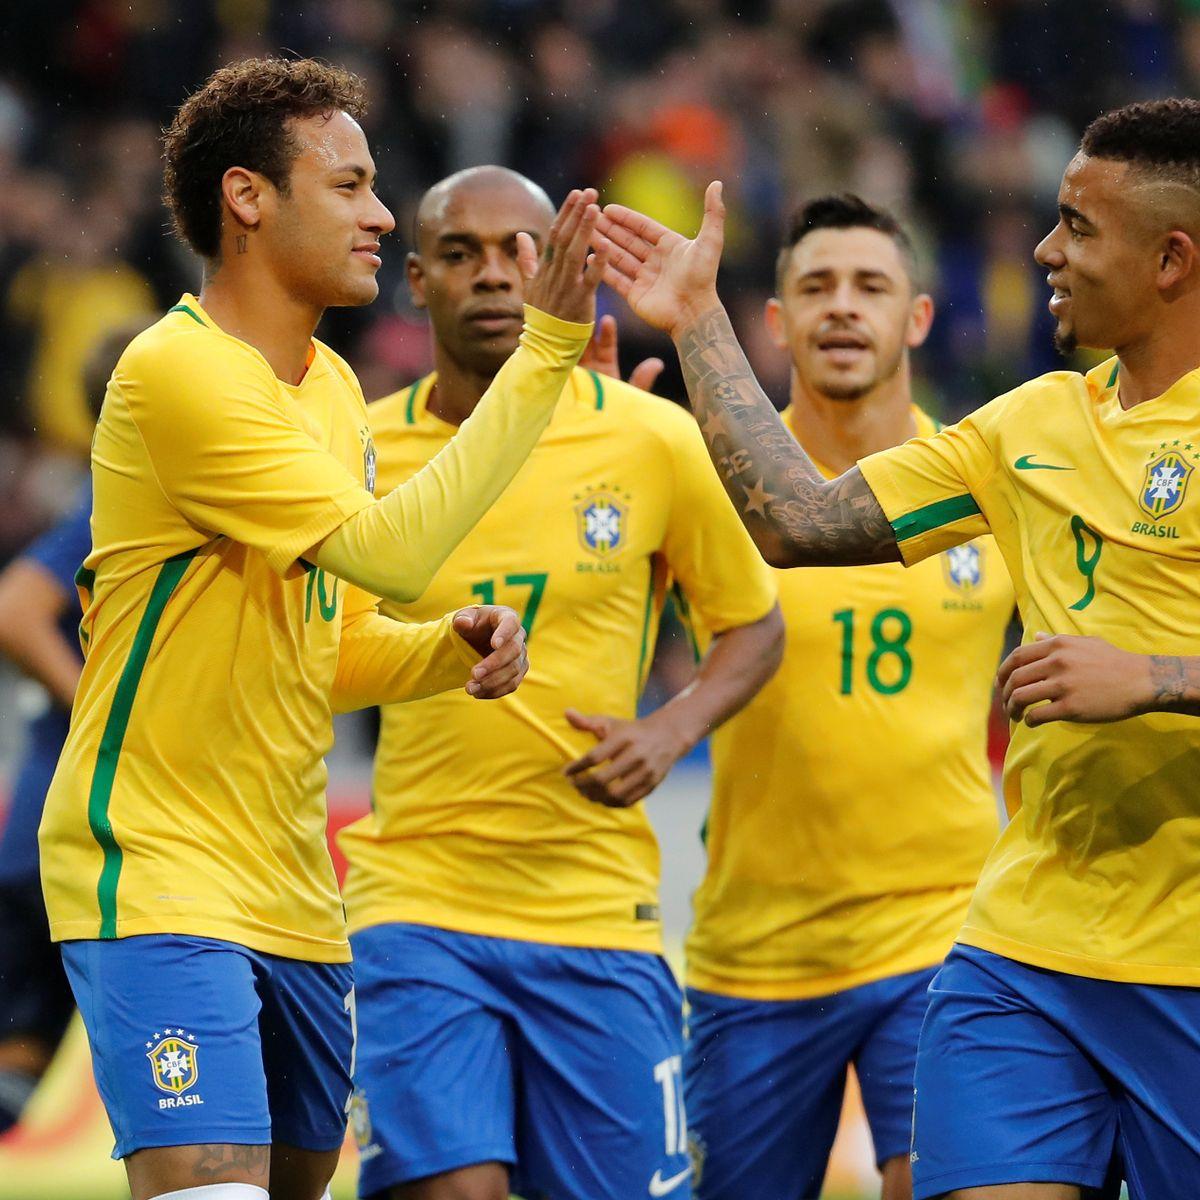 بث مباشر مباراة البرازيل وأوروجواي Brazil vs Uruguay